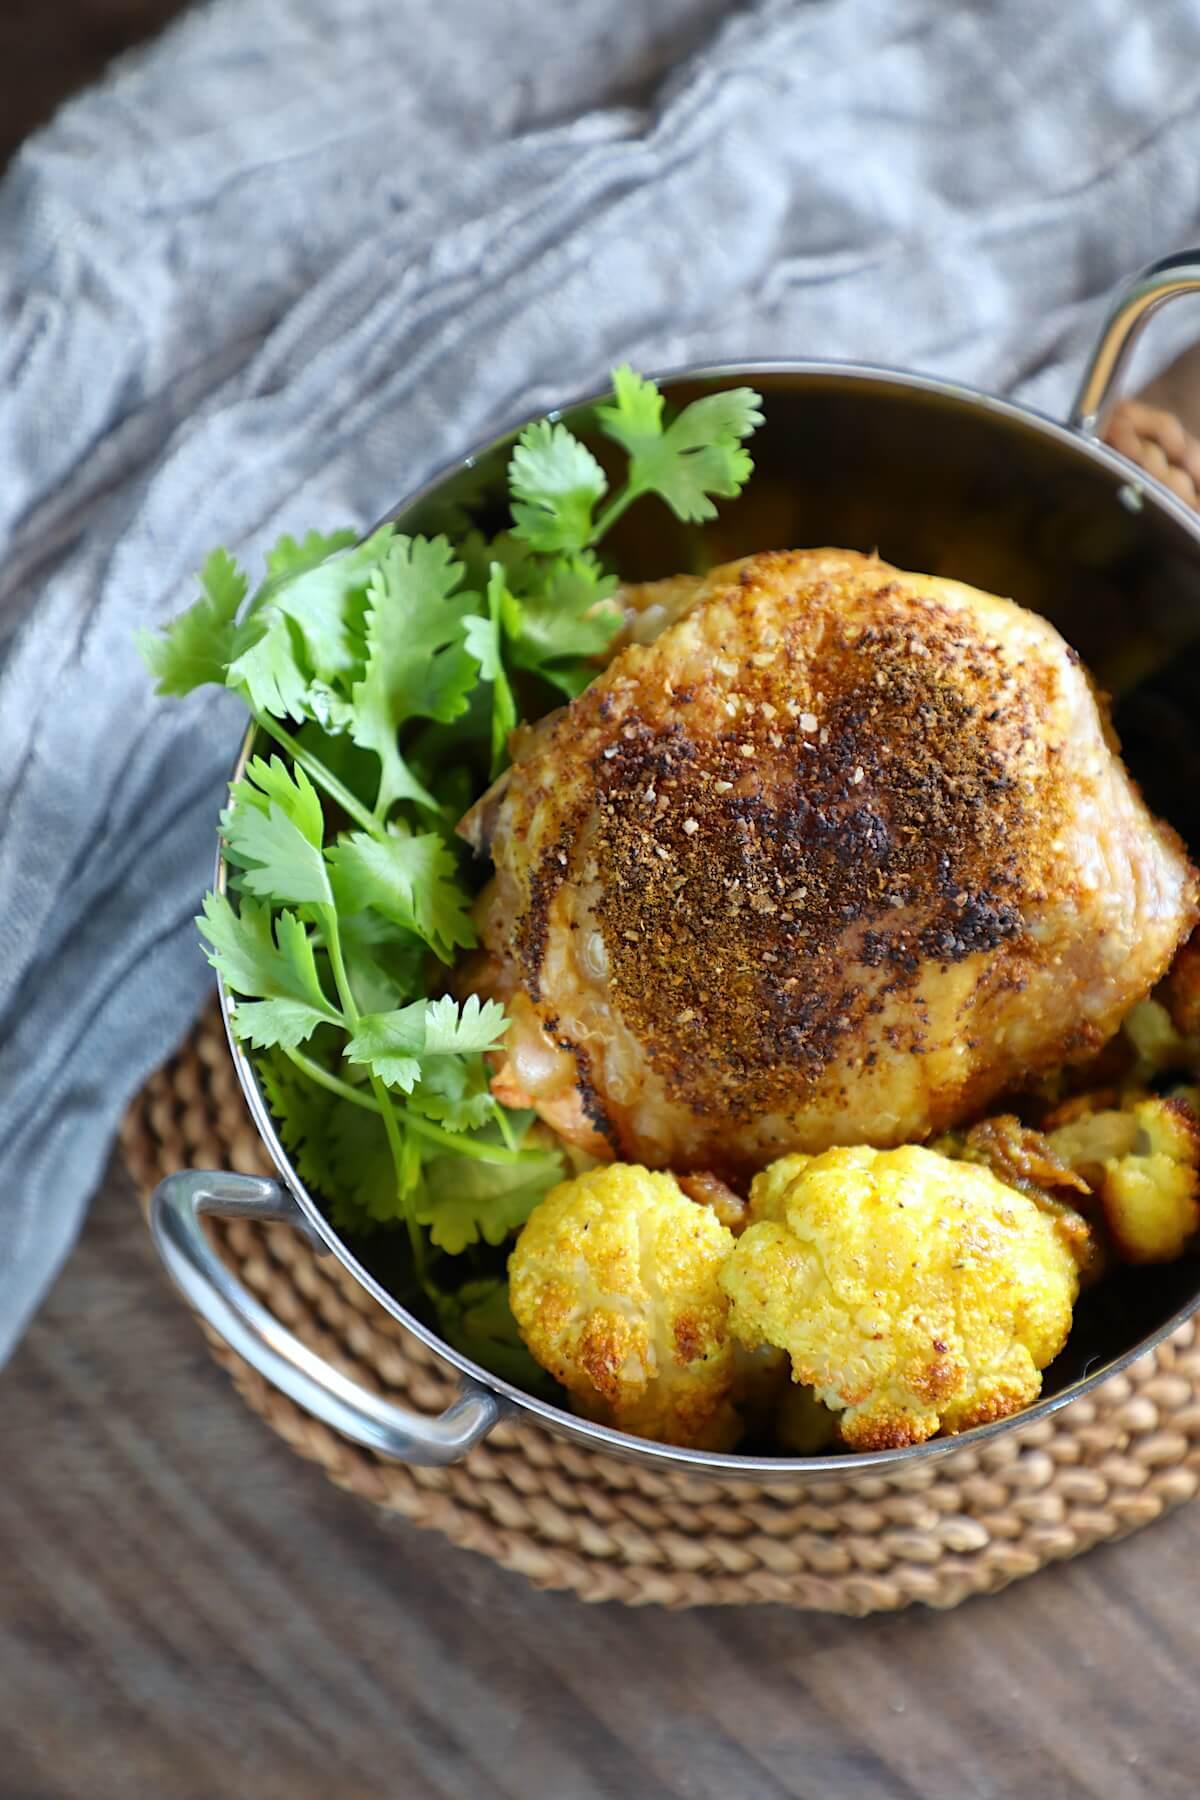 Keto sheet pan curried chicken - SCKC with cauliflower and cilantro garnish